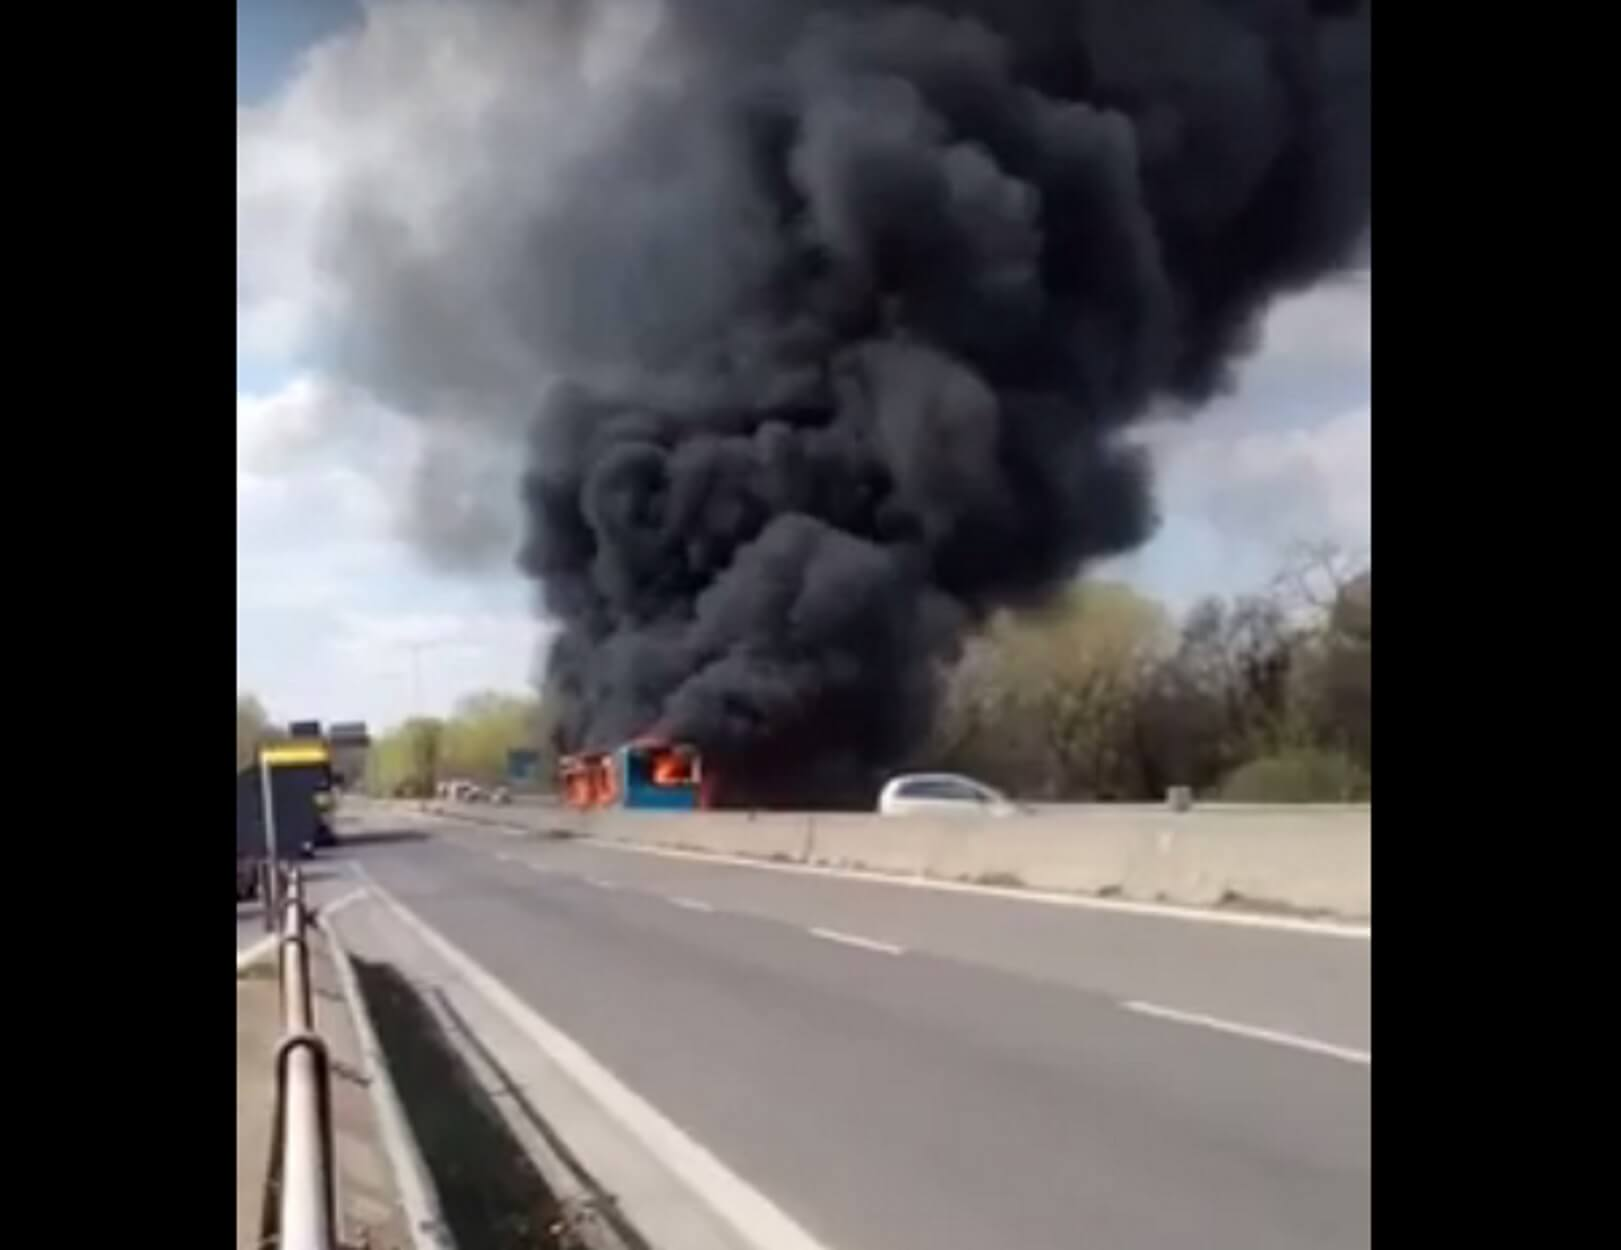 Μιλάνο: Βίντεο – σοκ από εμπρησμό λεωφορείου γεμάτο μαθητές – Δράστης ο ίδιος ο οδηγός!